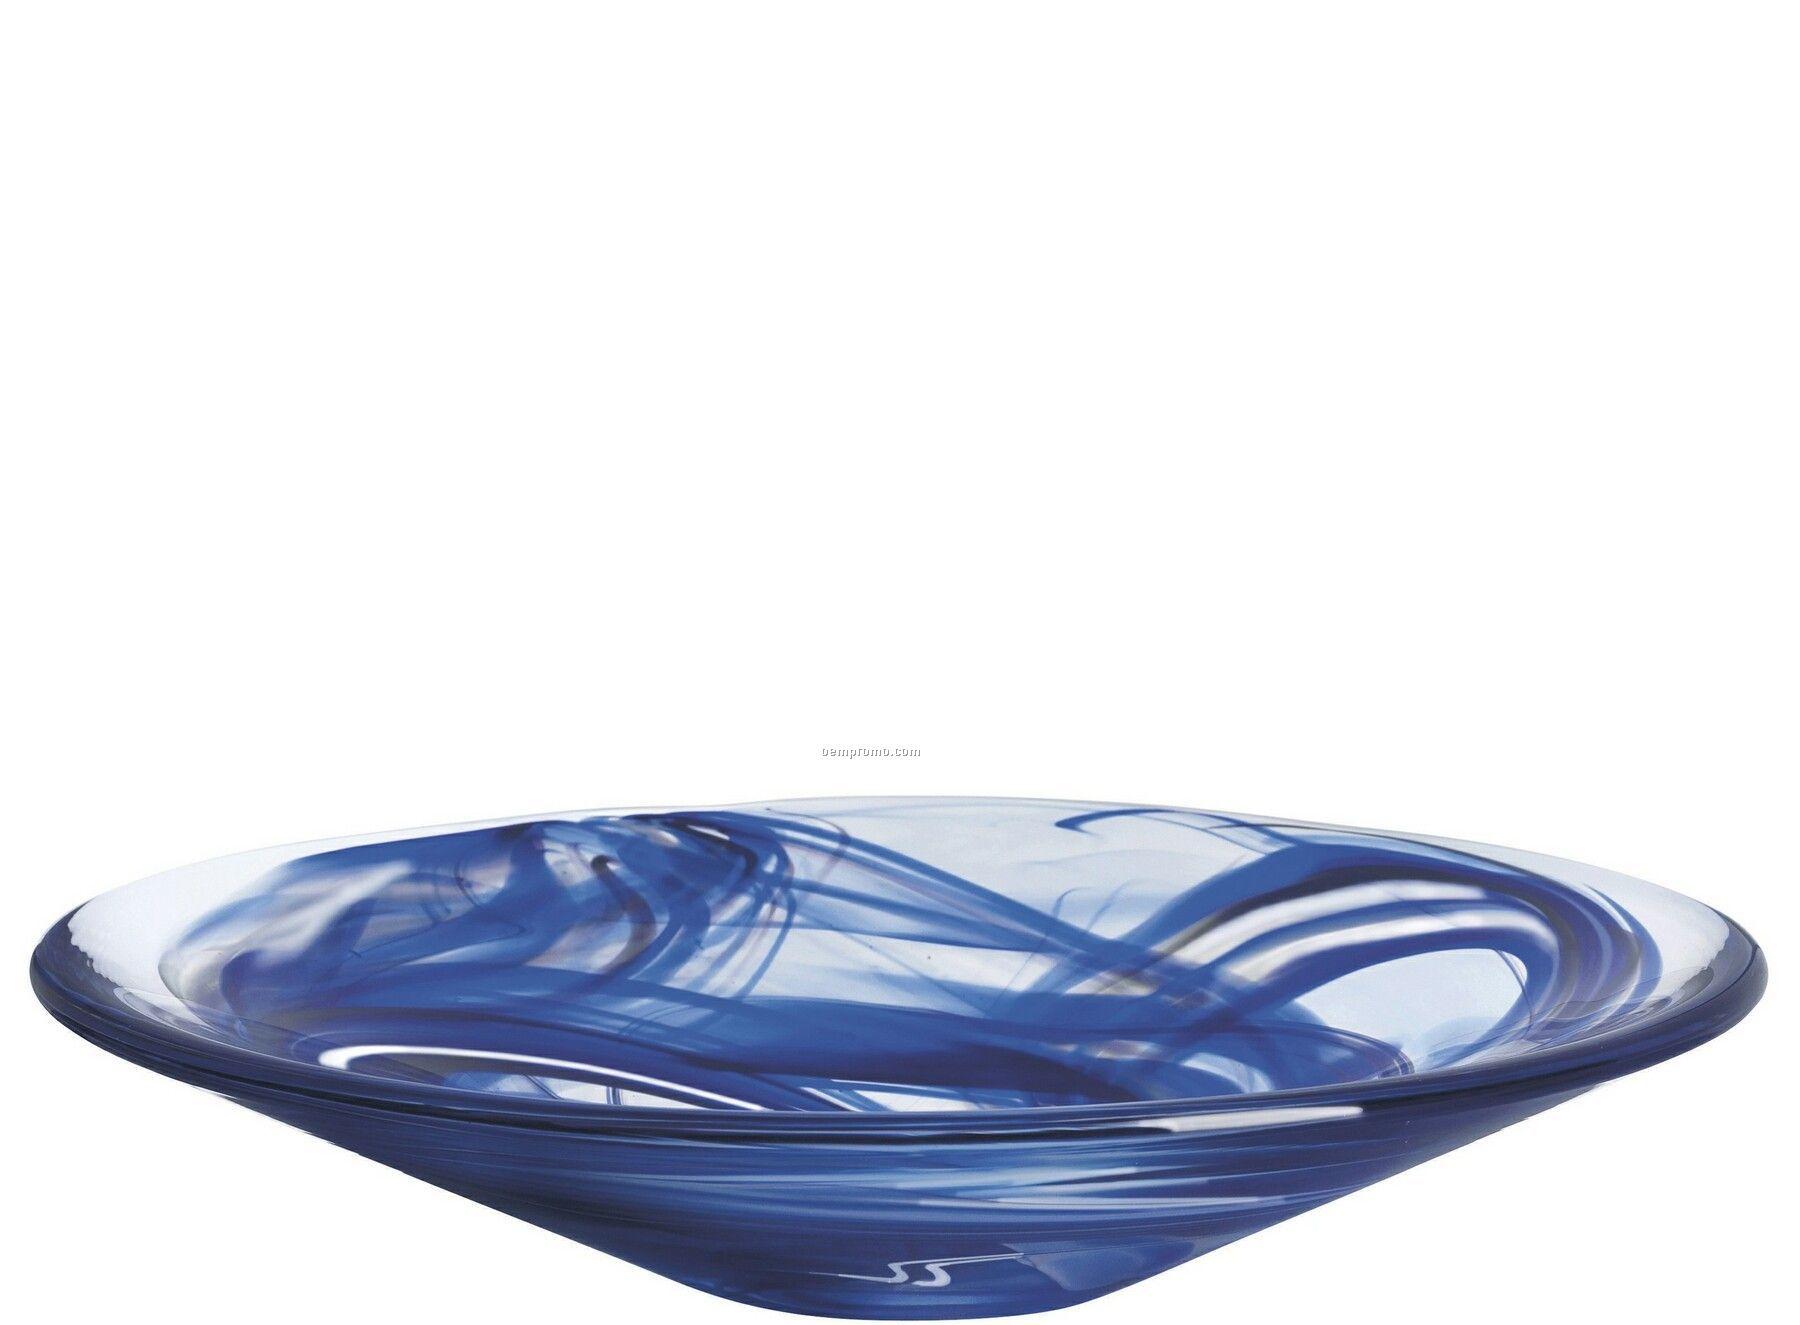 Tempera Crystal Dish W/ Blue Swirl By Anna Ehrner